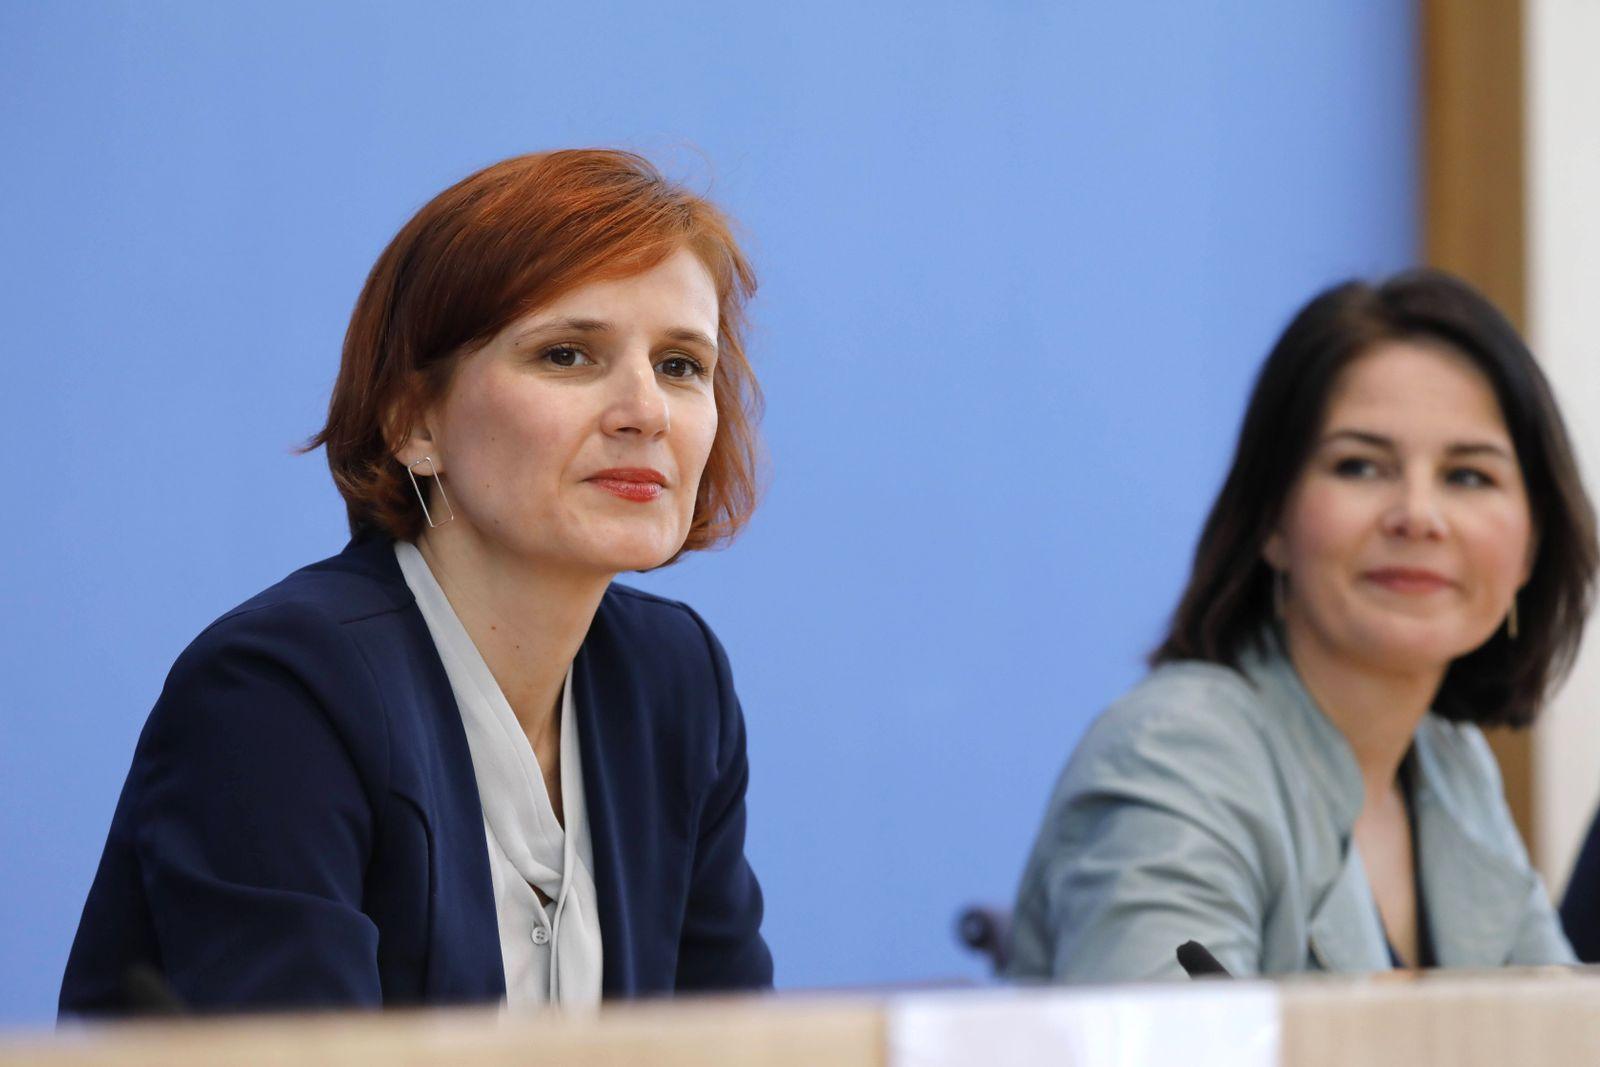 Katja Kipping Parteivorsitzende von DIE LINKE Annalena Baerbock Bundesvorsitzende B¸ndnis 90 Di